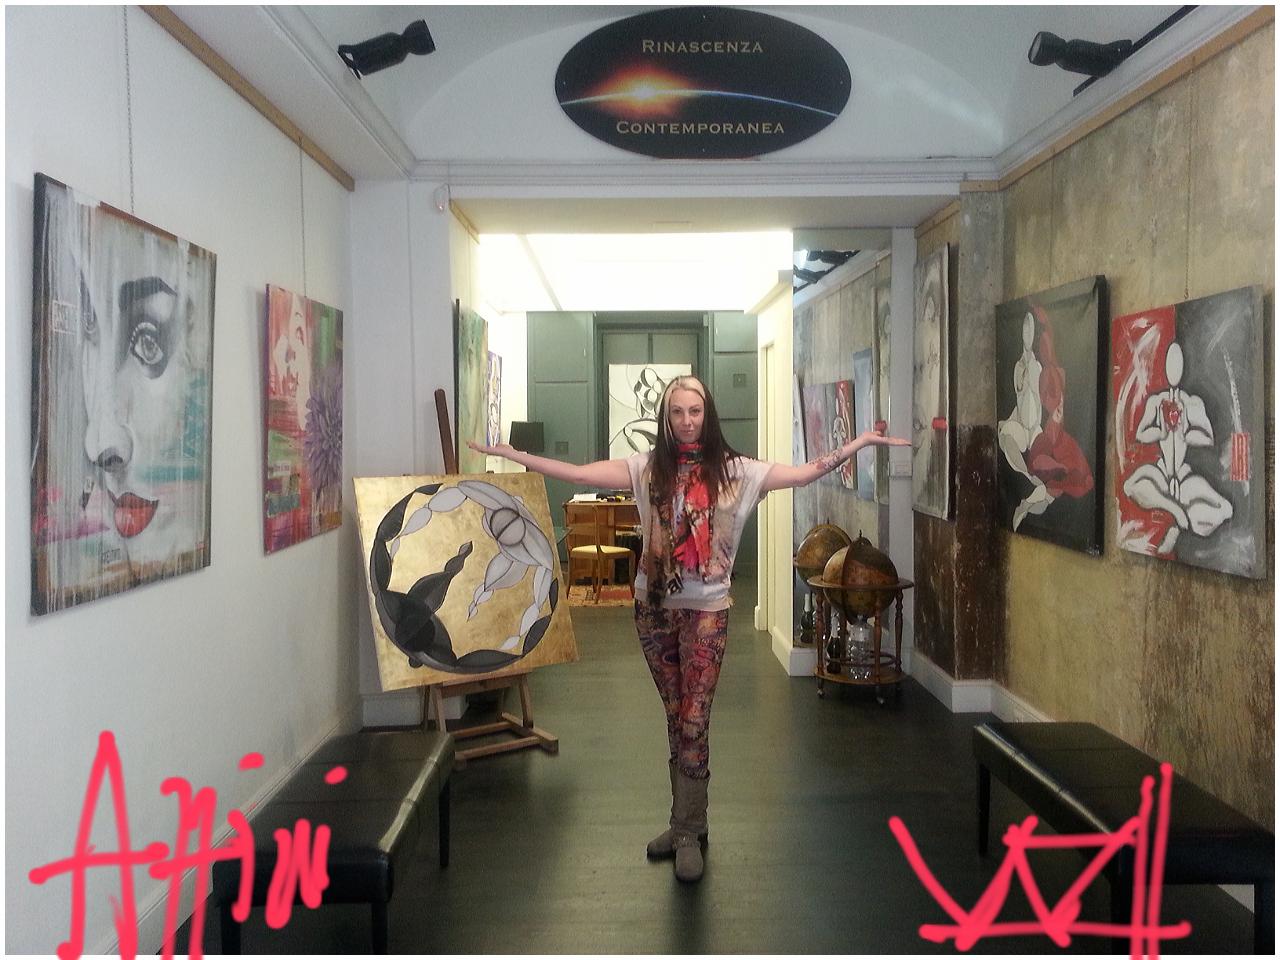 Mostra presso rinascenza contemporanea torino for Torino contemporanea